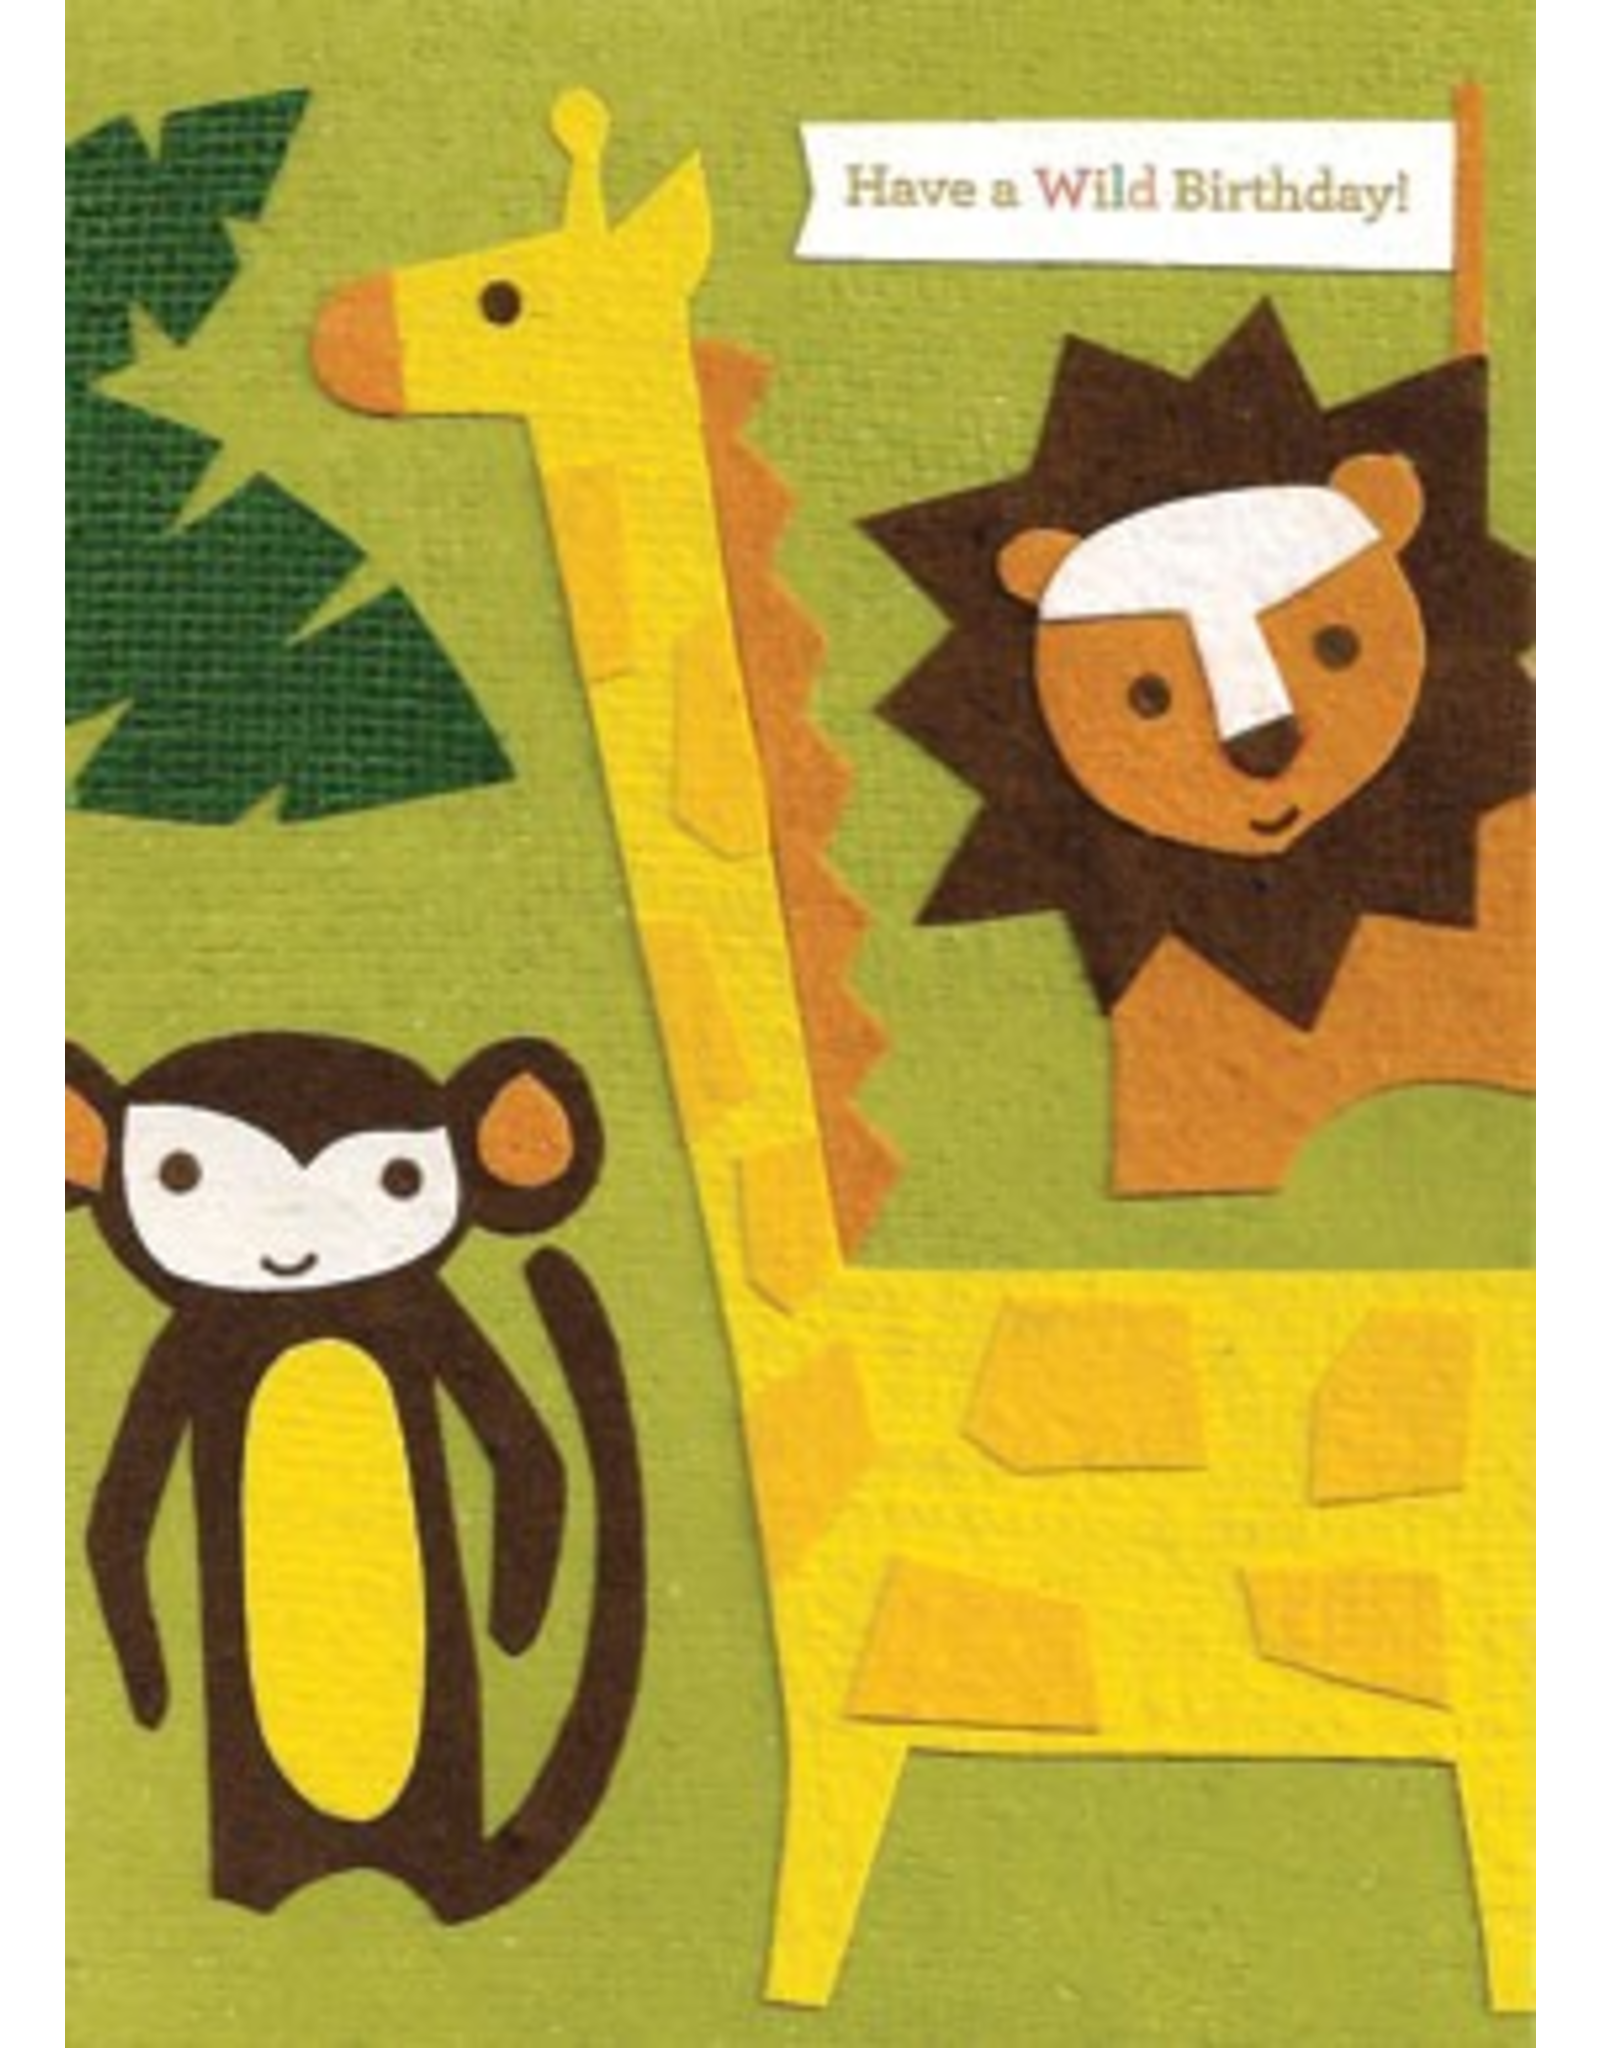 Wild Birthday Card, Rwanda